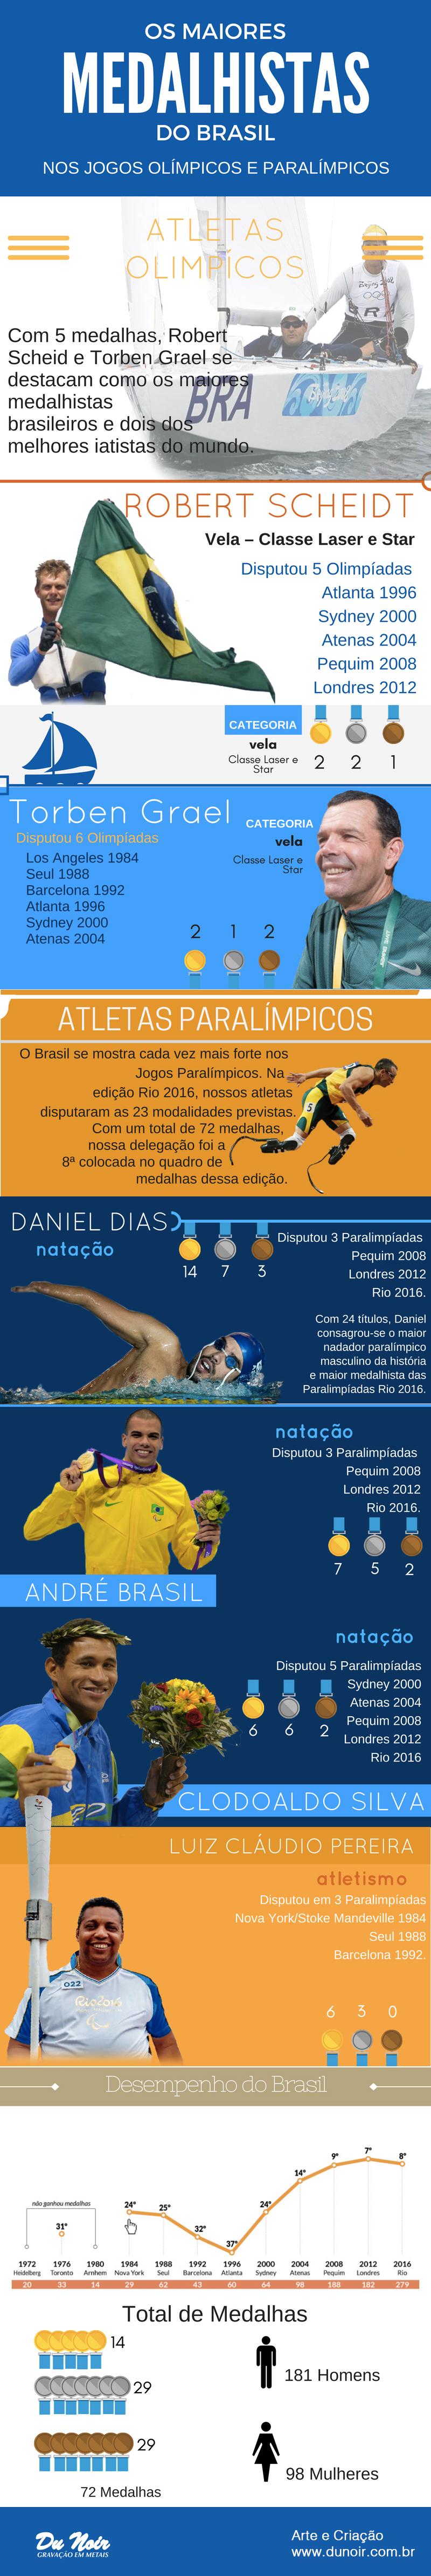 Os Maiores Medalhistas do Brasil